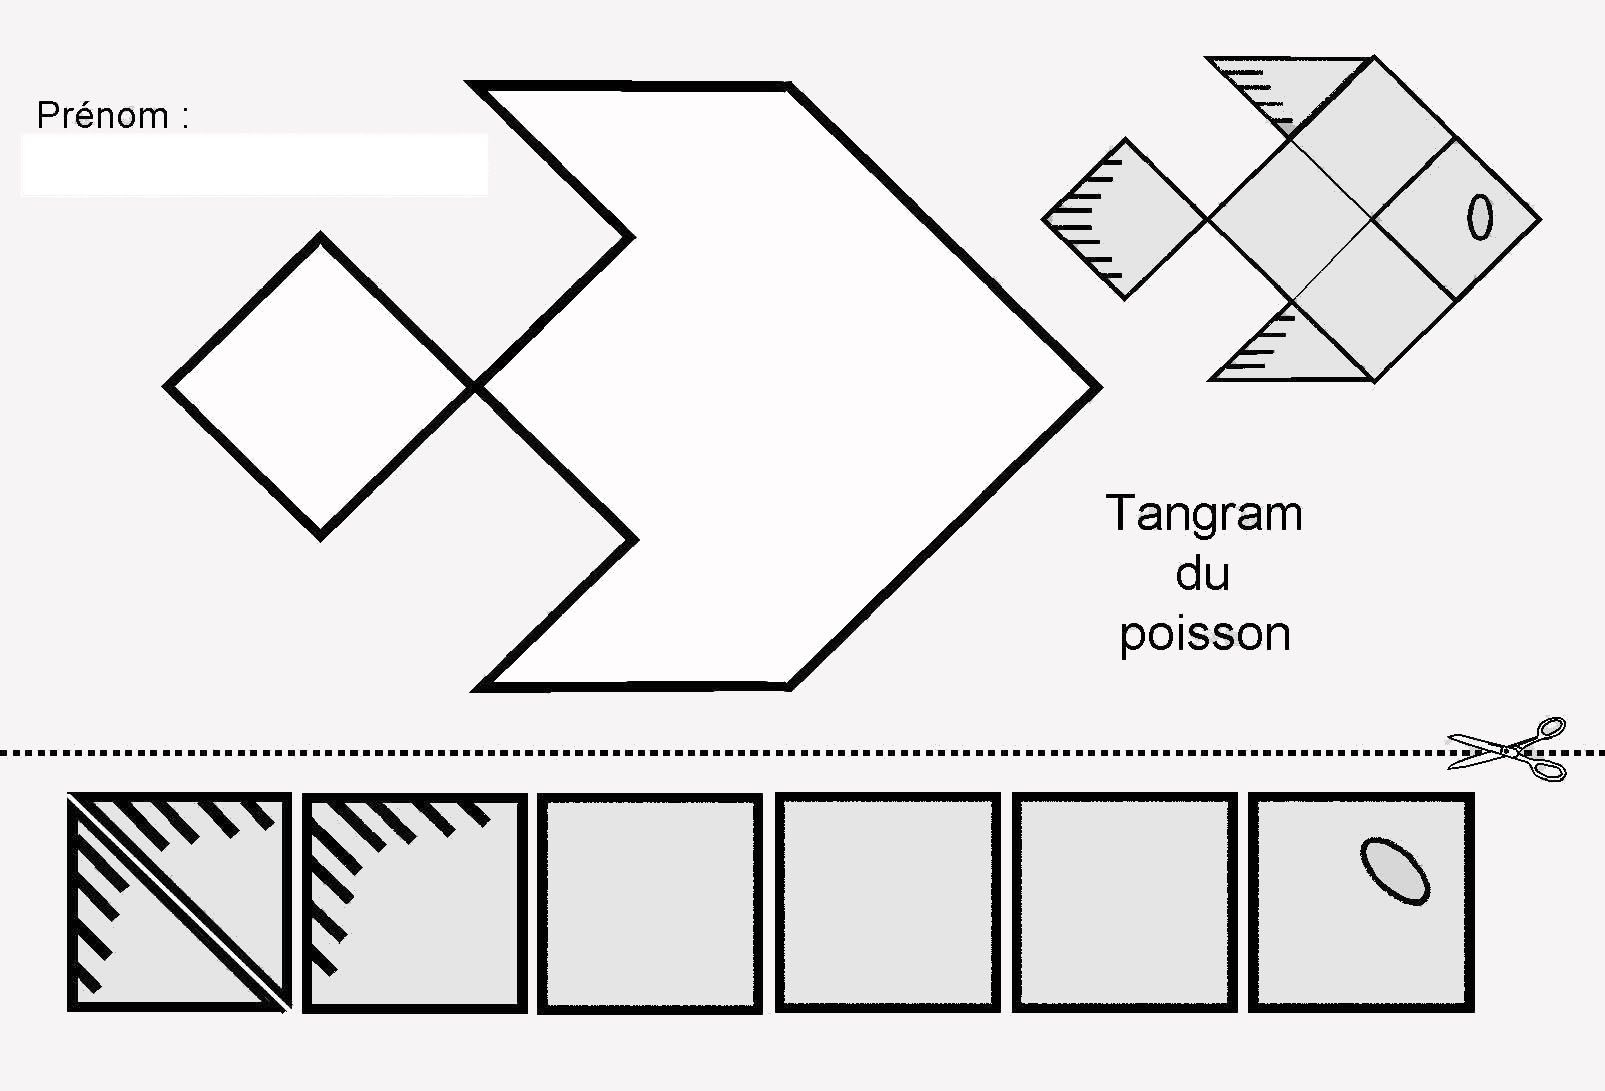 Tangram Du Poisson : Figures Et Pièces Pour Maternelle tout Pièces Tangram